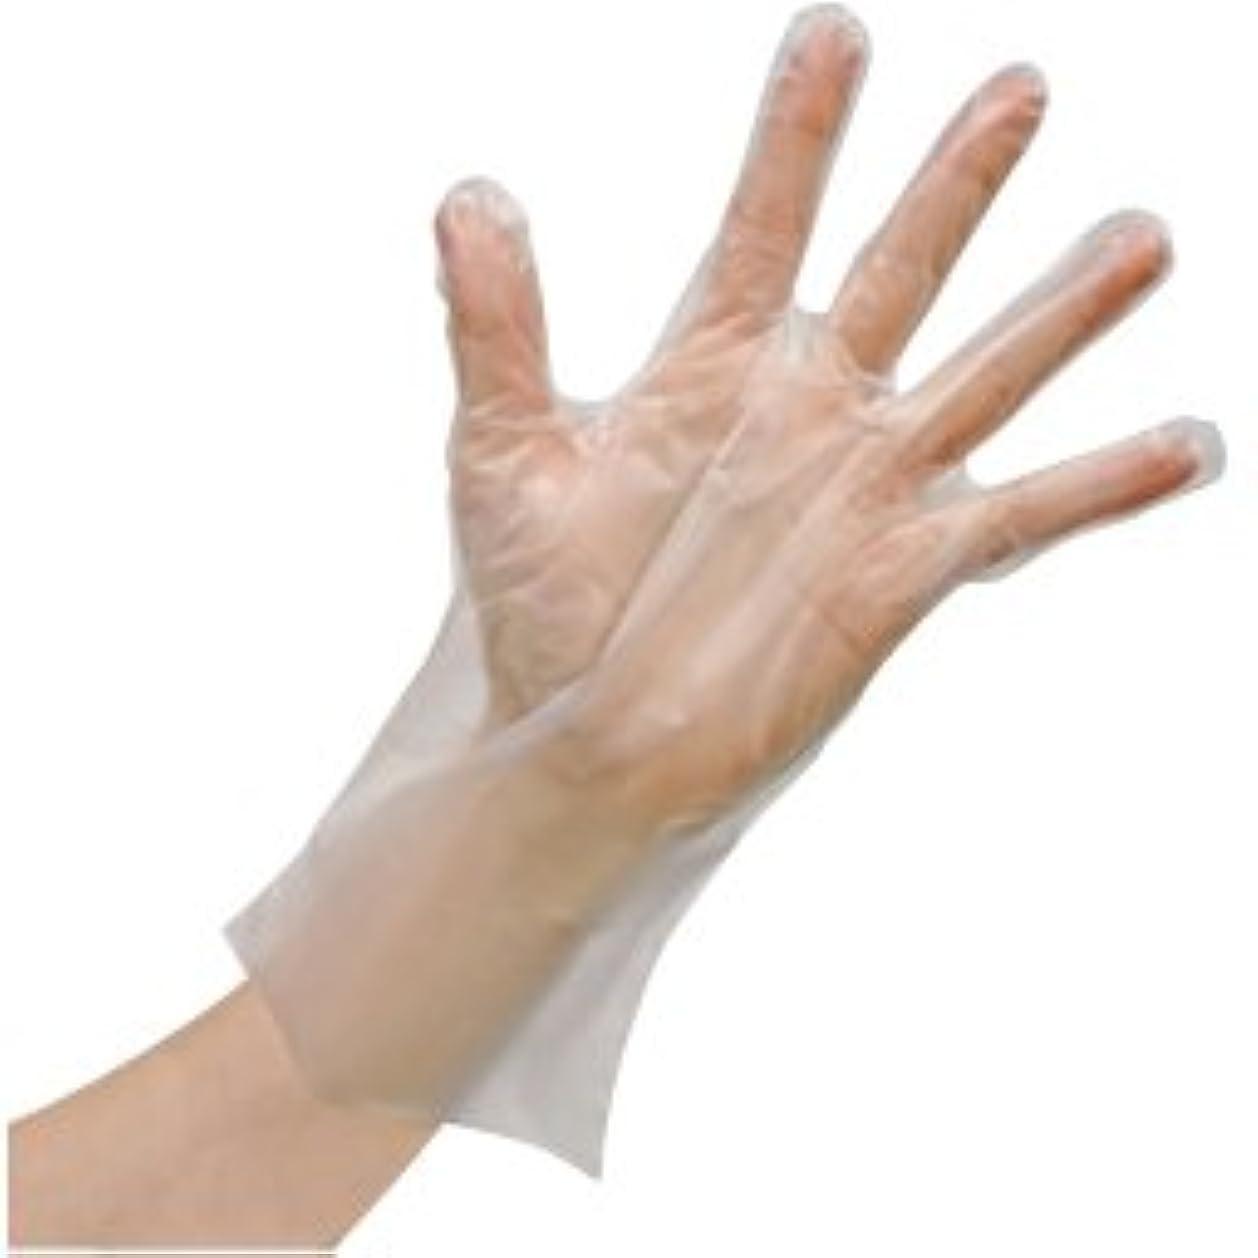 のり距離マニア使いきりLDポリエチレン手袋(箱) FR-5811(S)100???? ?????LD????????(??)(24-6743-00)【ファーストレイト】[60箱単位]